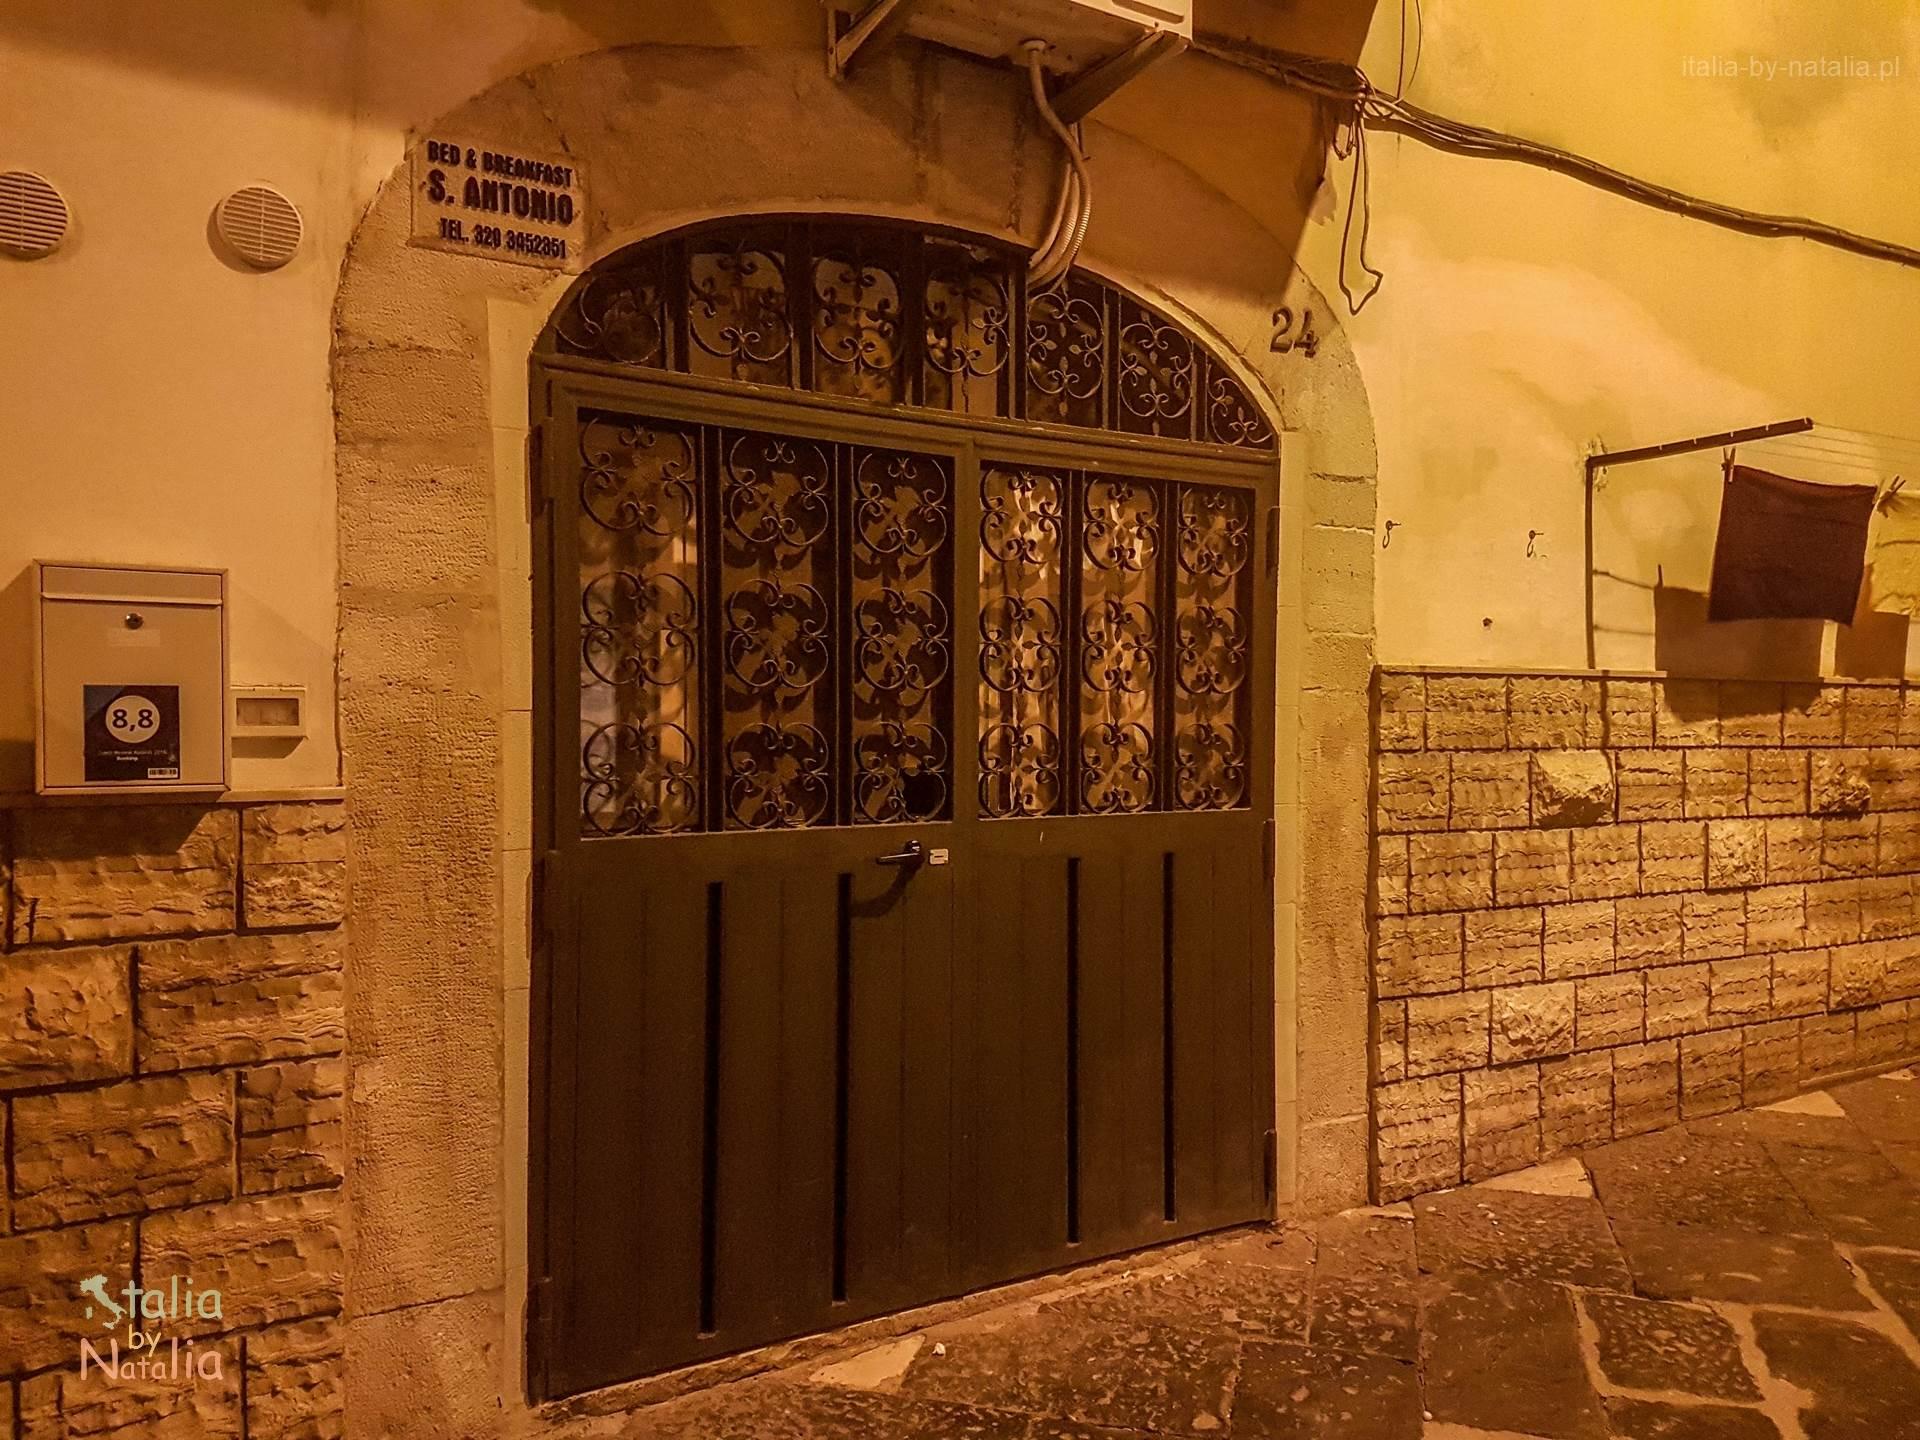 Podróż do Bari apartament sprawdzony nocleg